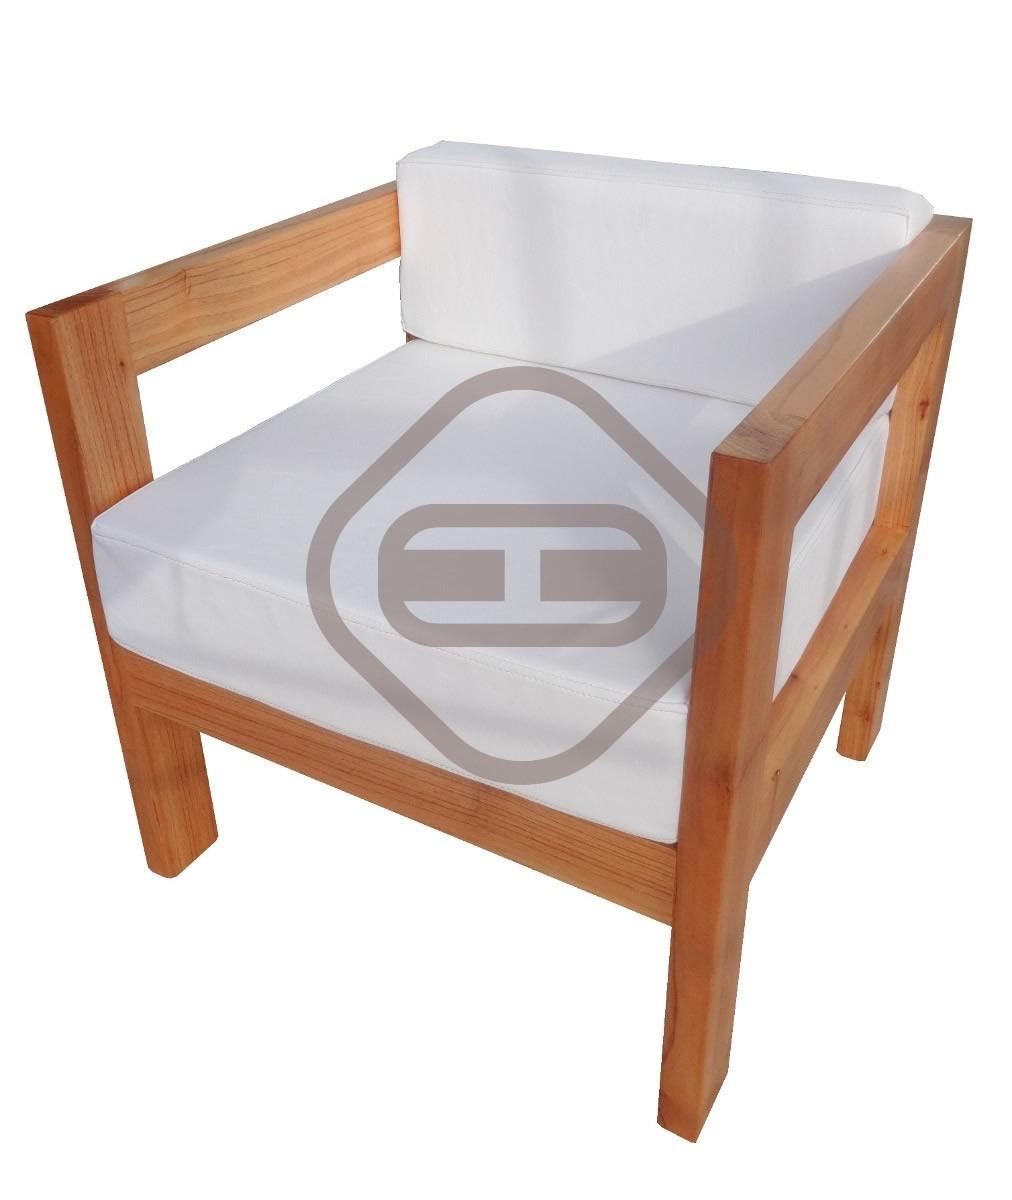 juego sillones mesa jardn balcon terraza madera exterior